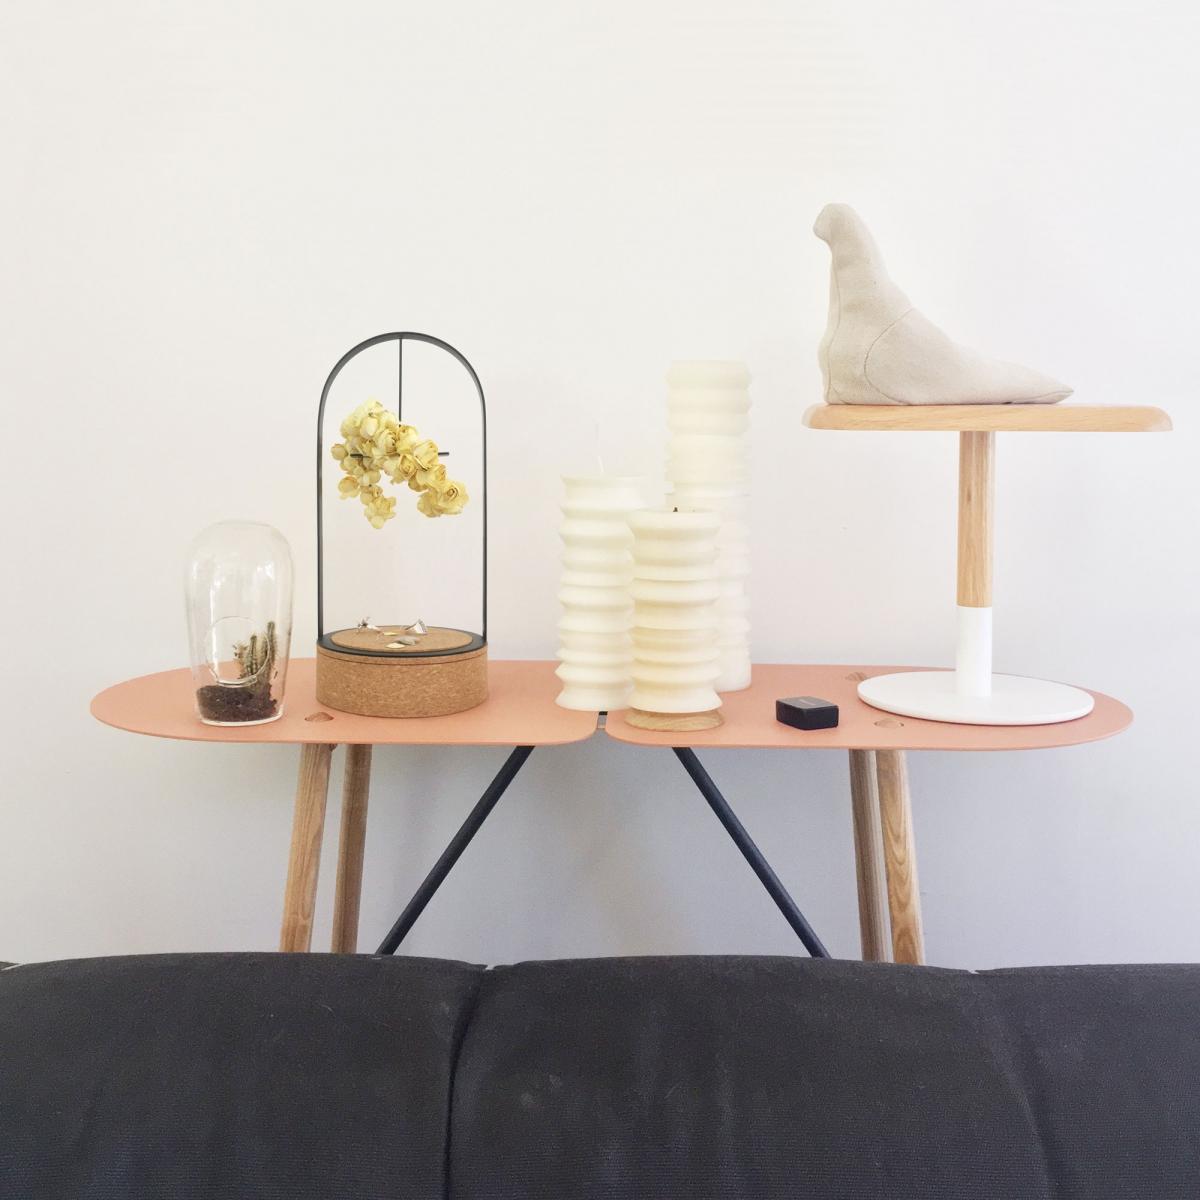 fleurs th cosm tiques et si on s 39 offrait une box madame d core. Black Bedroom Furniture Sets. Home Design Ideas